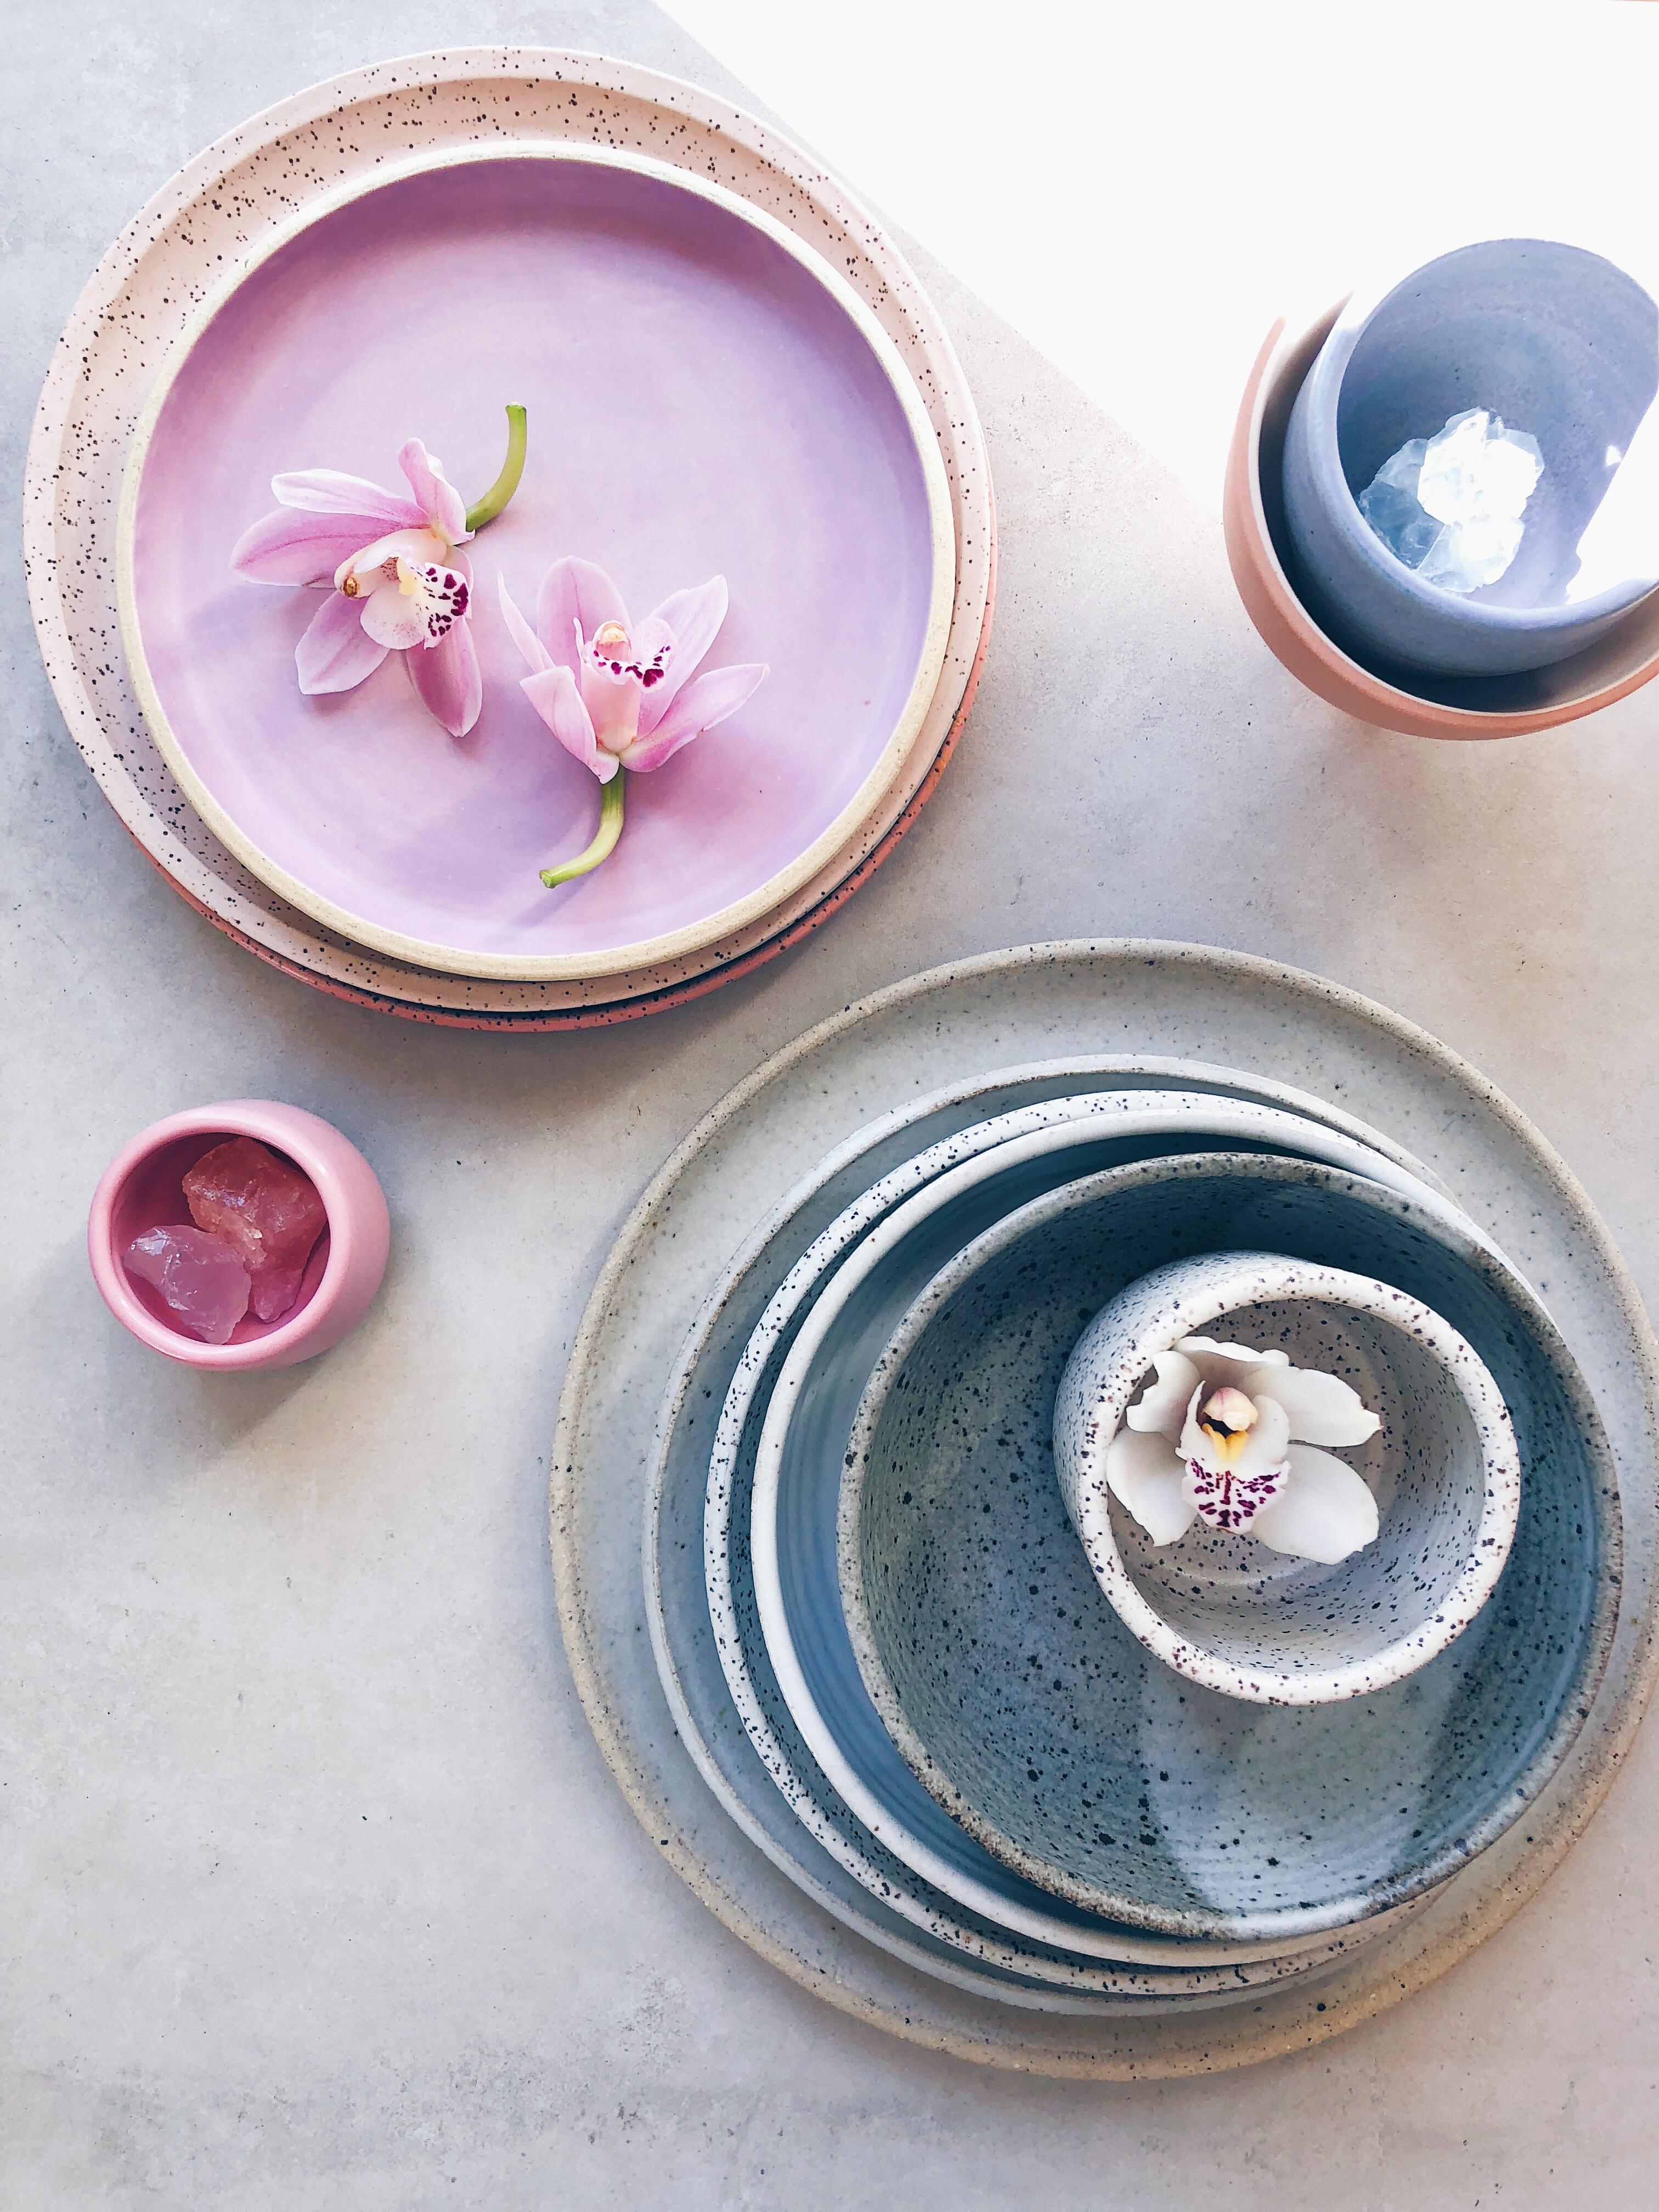 All My Favorite Ceramics - Wu Haus